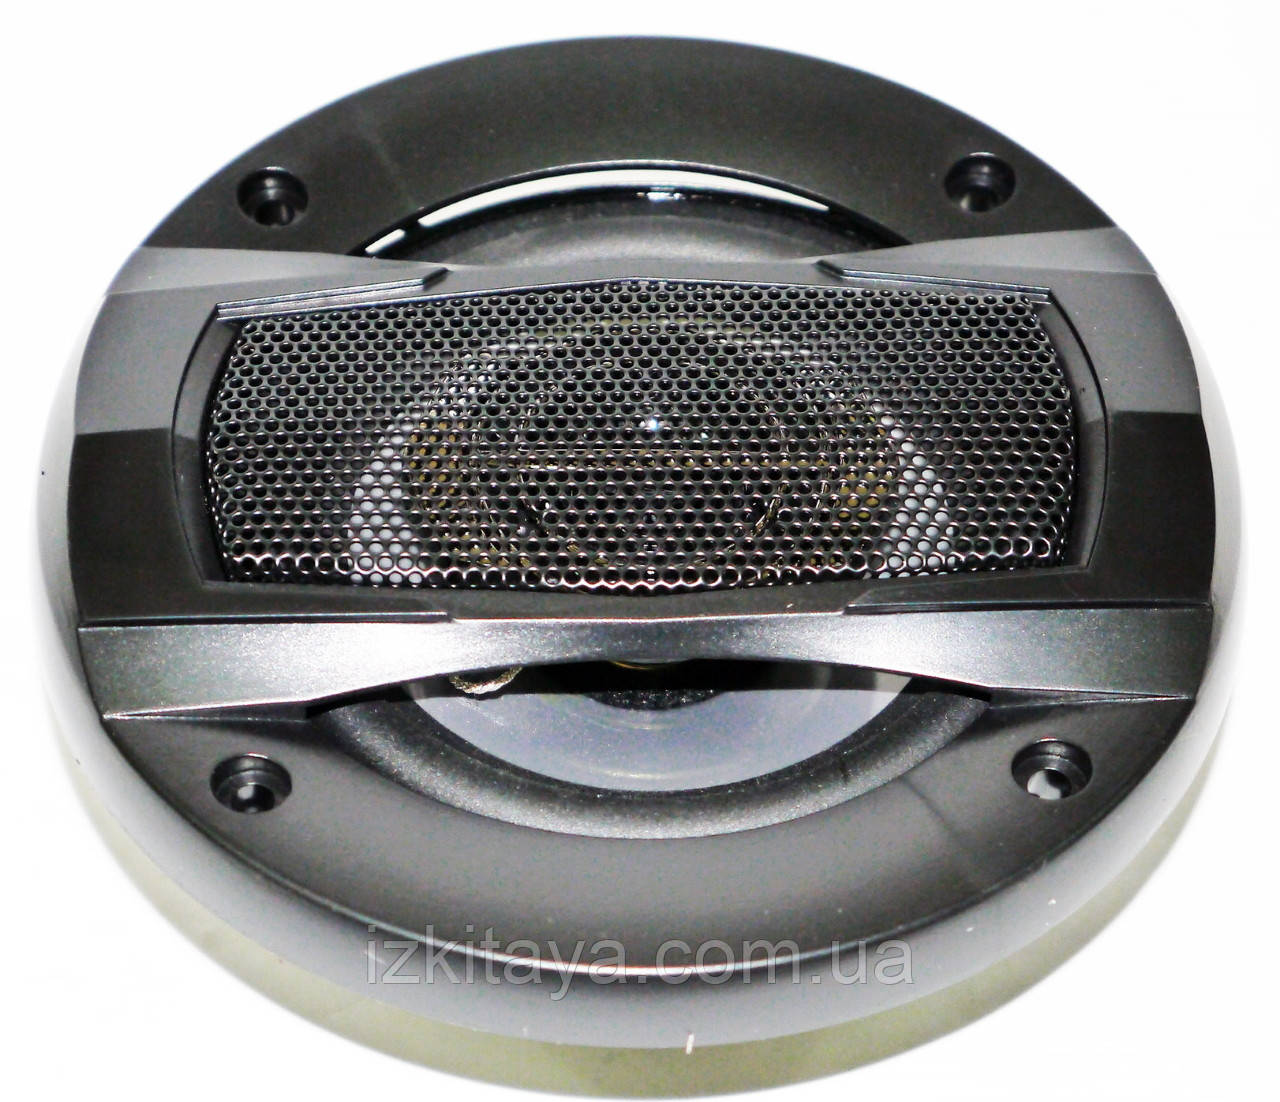 Автомобільні колонки динаміки Pioneer TS-G1095S 10 см 200 Вт